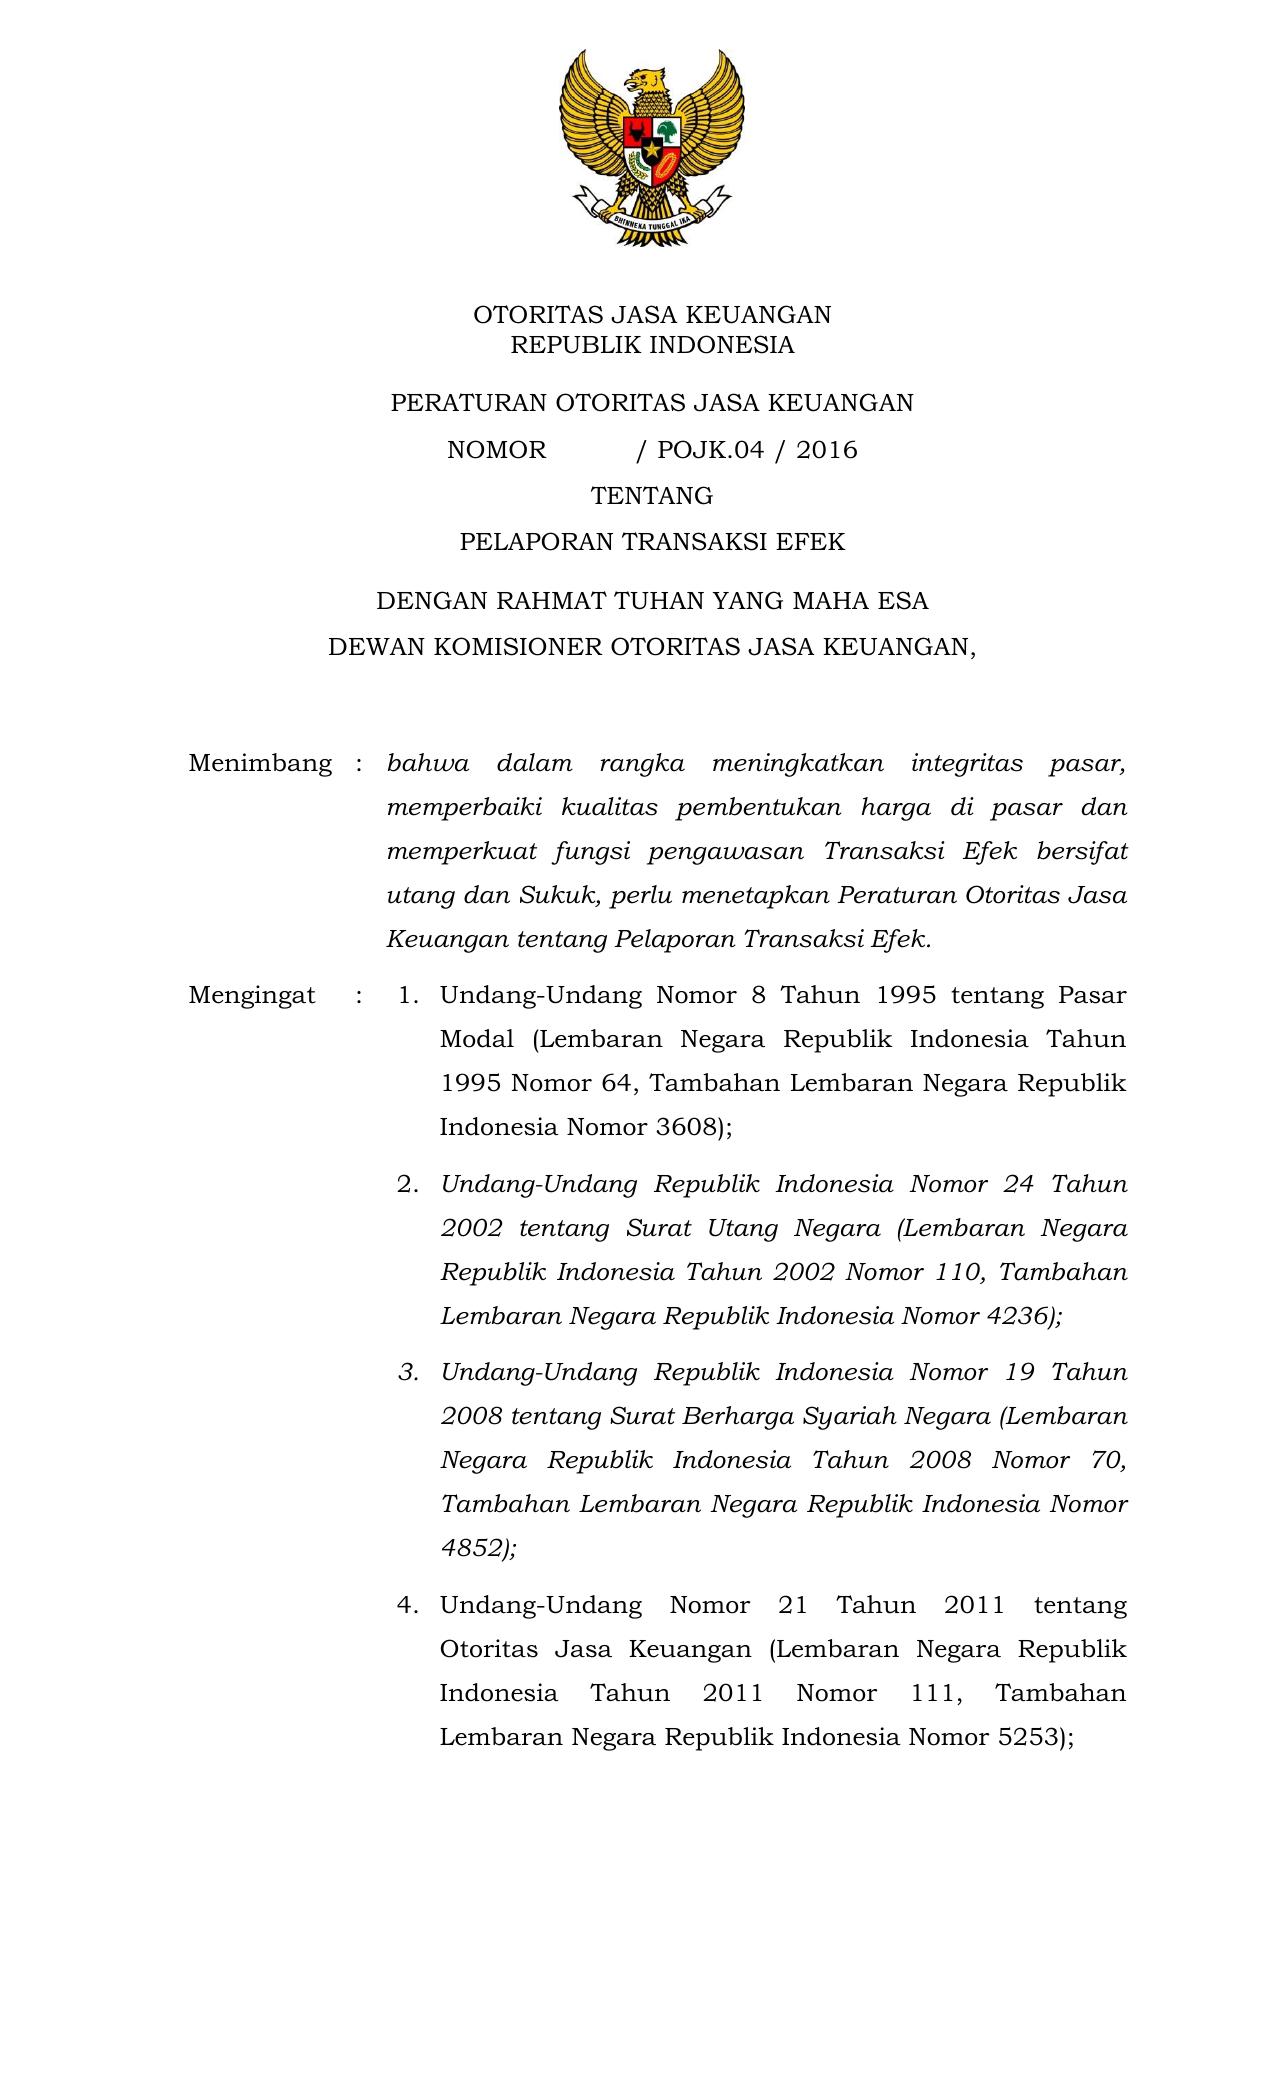 Otoritas Jasa Keuangan Republik Indonesia Peraturan Otoritas